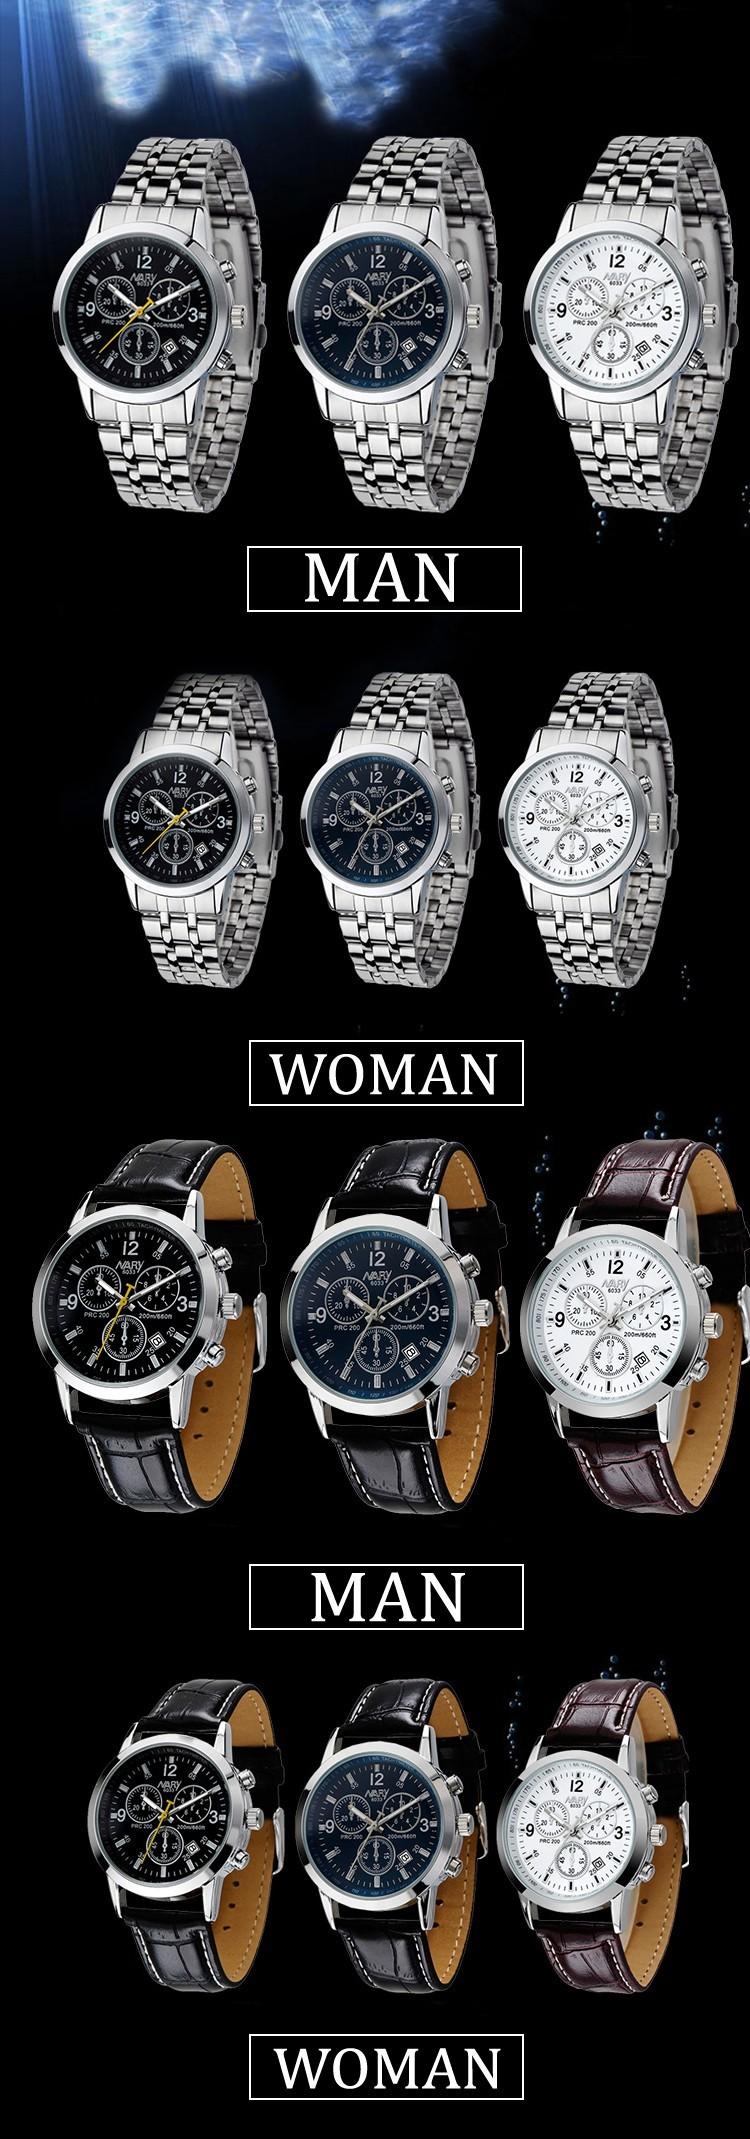 NARY Высокое Качество Модный Бренд Кварцевые Часы Любители часы Женщины Мужчины Память Часы Кожа PU Календарь Наручные Часы